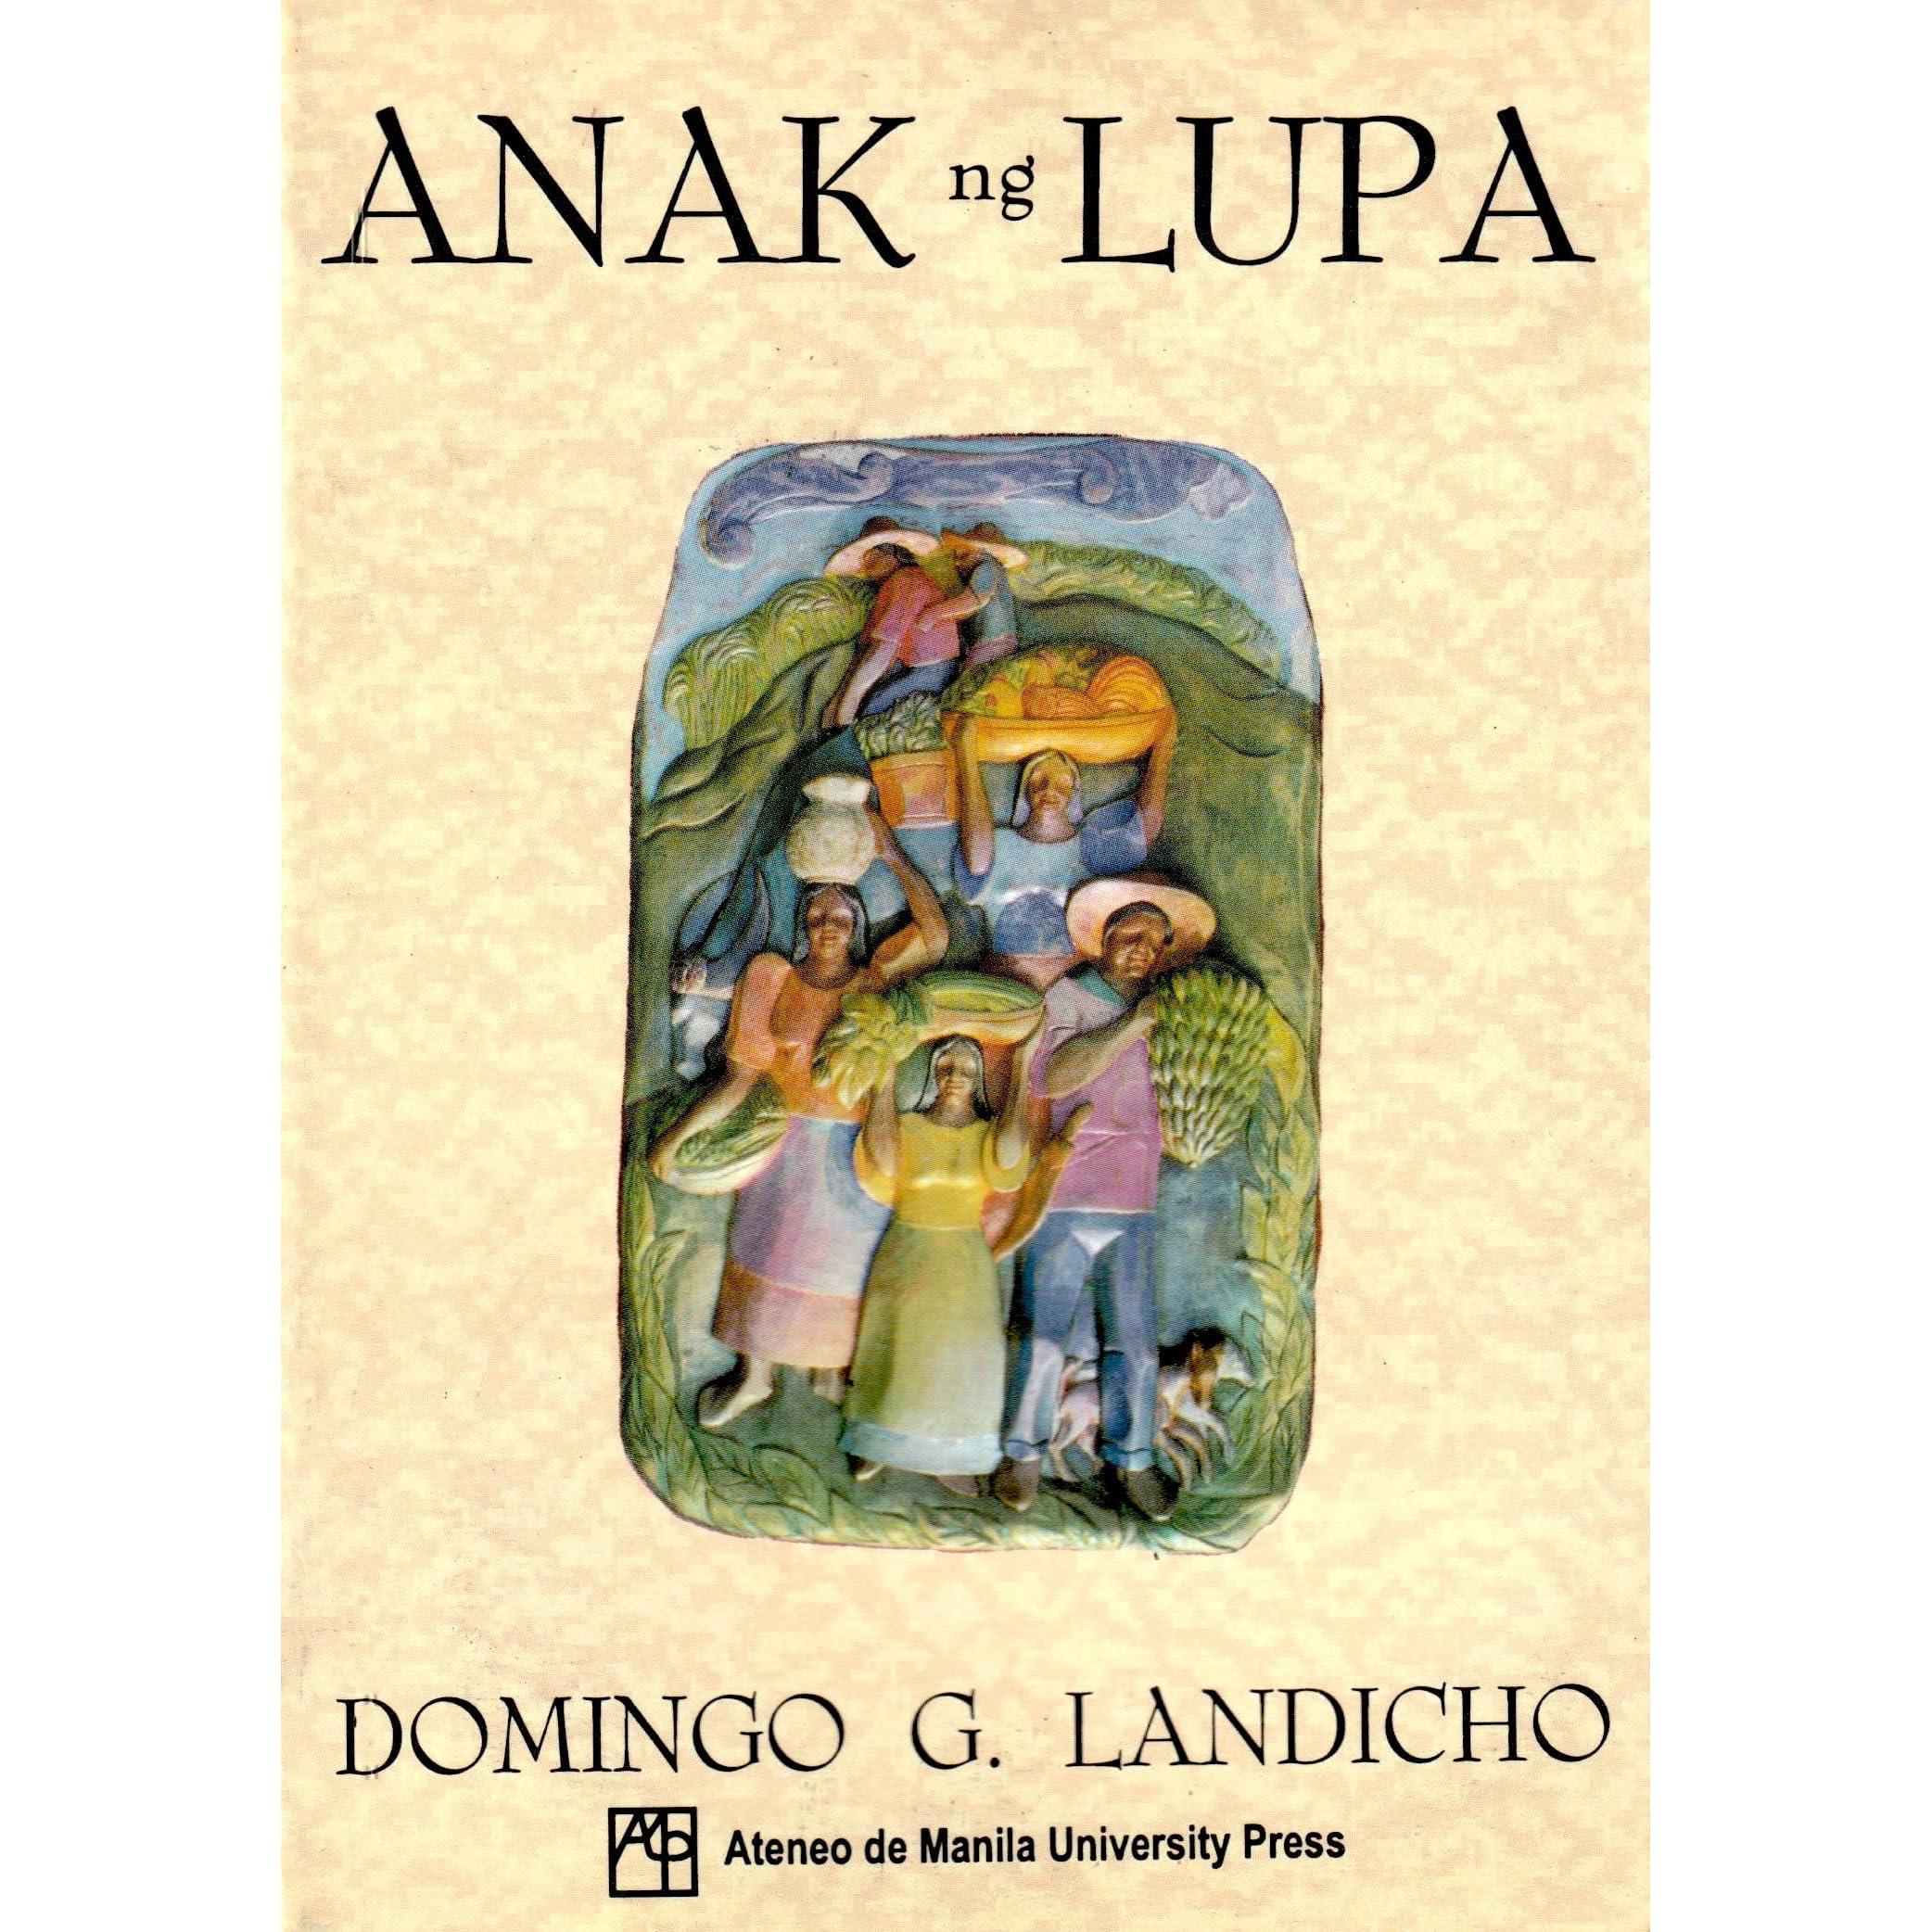 Anak ng Lupa by Domingo G  Landicho